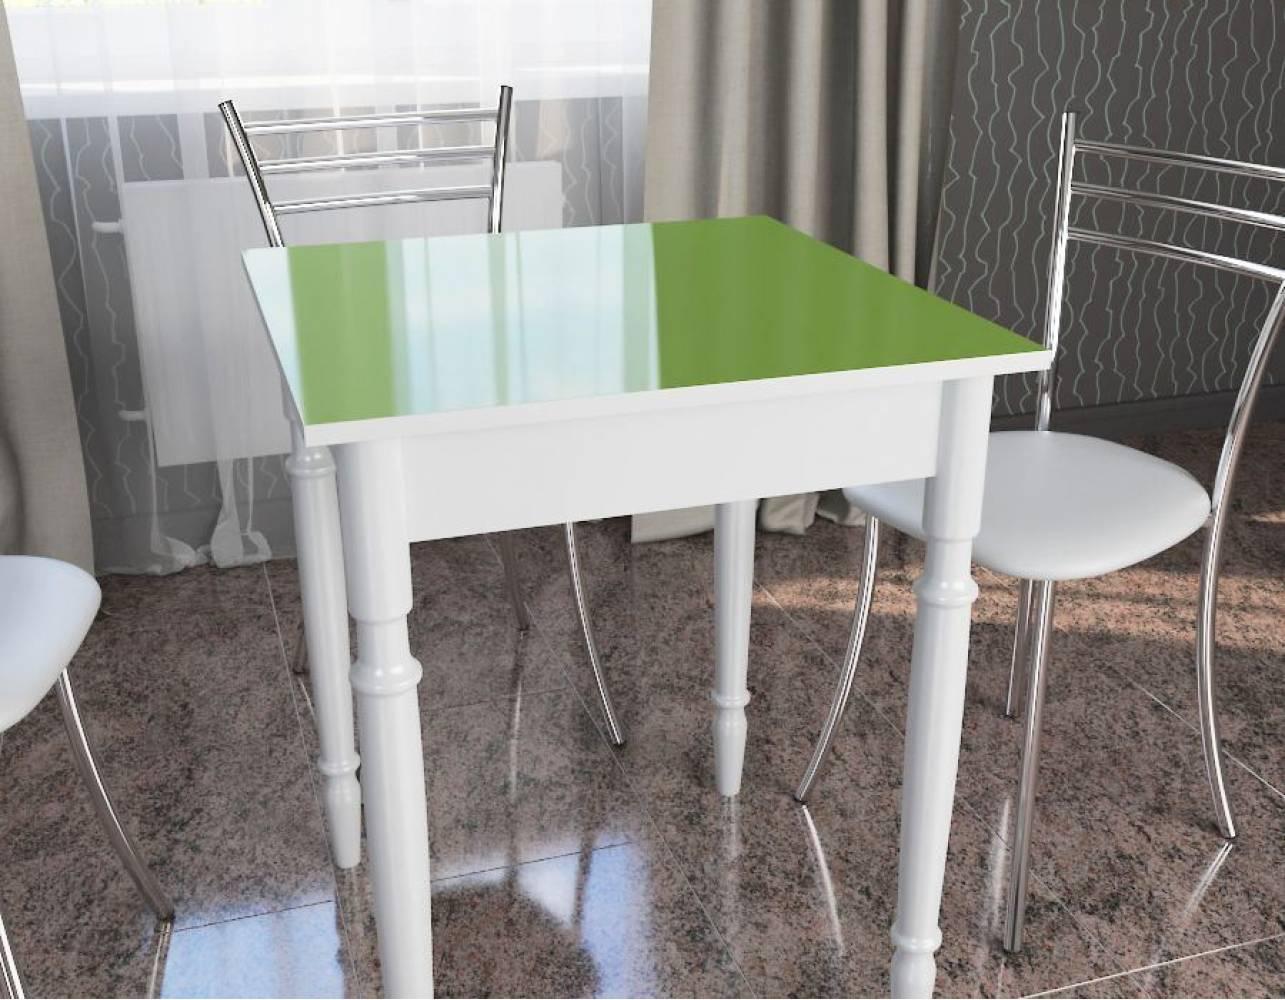 Стол квадратный белый+зеленое яблоко